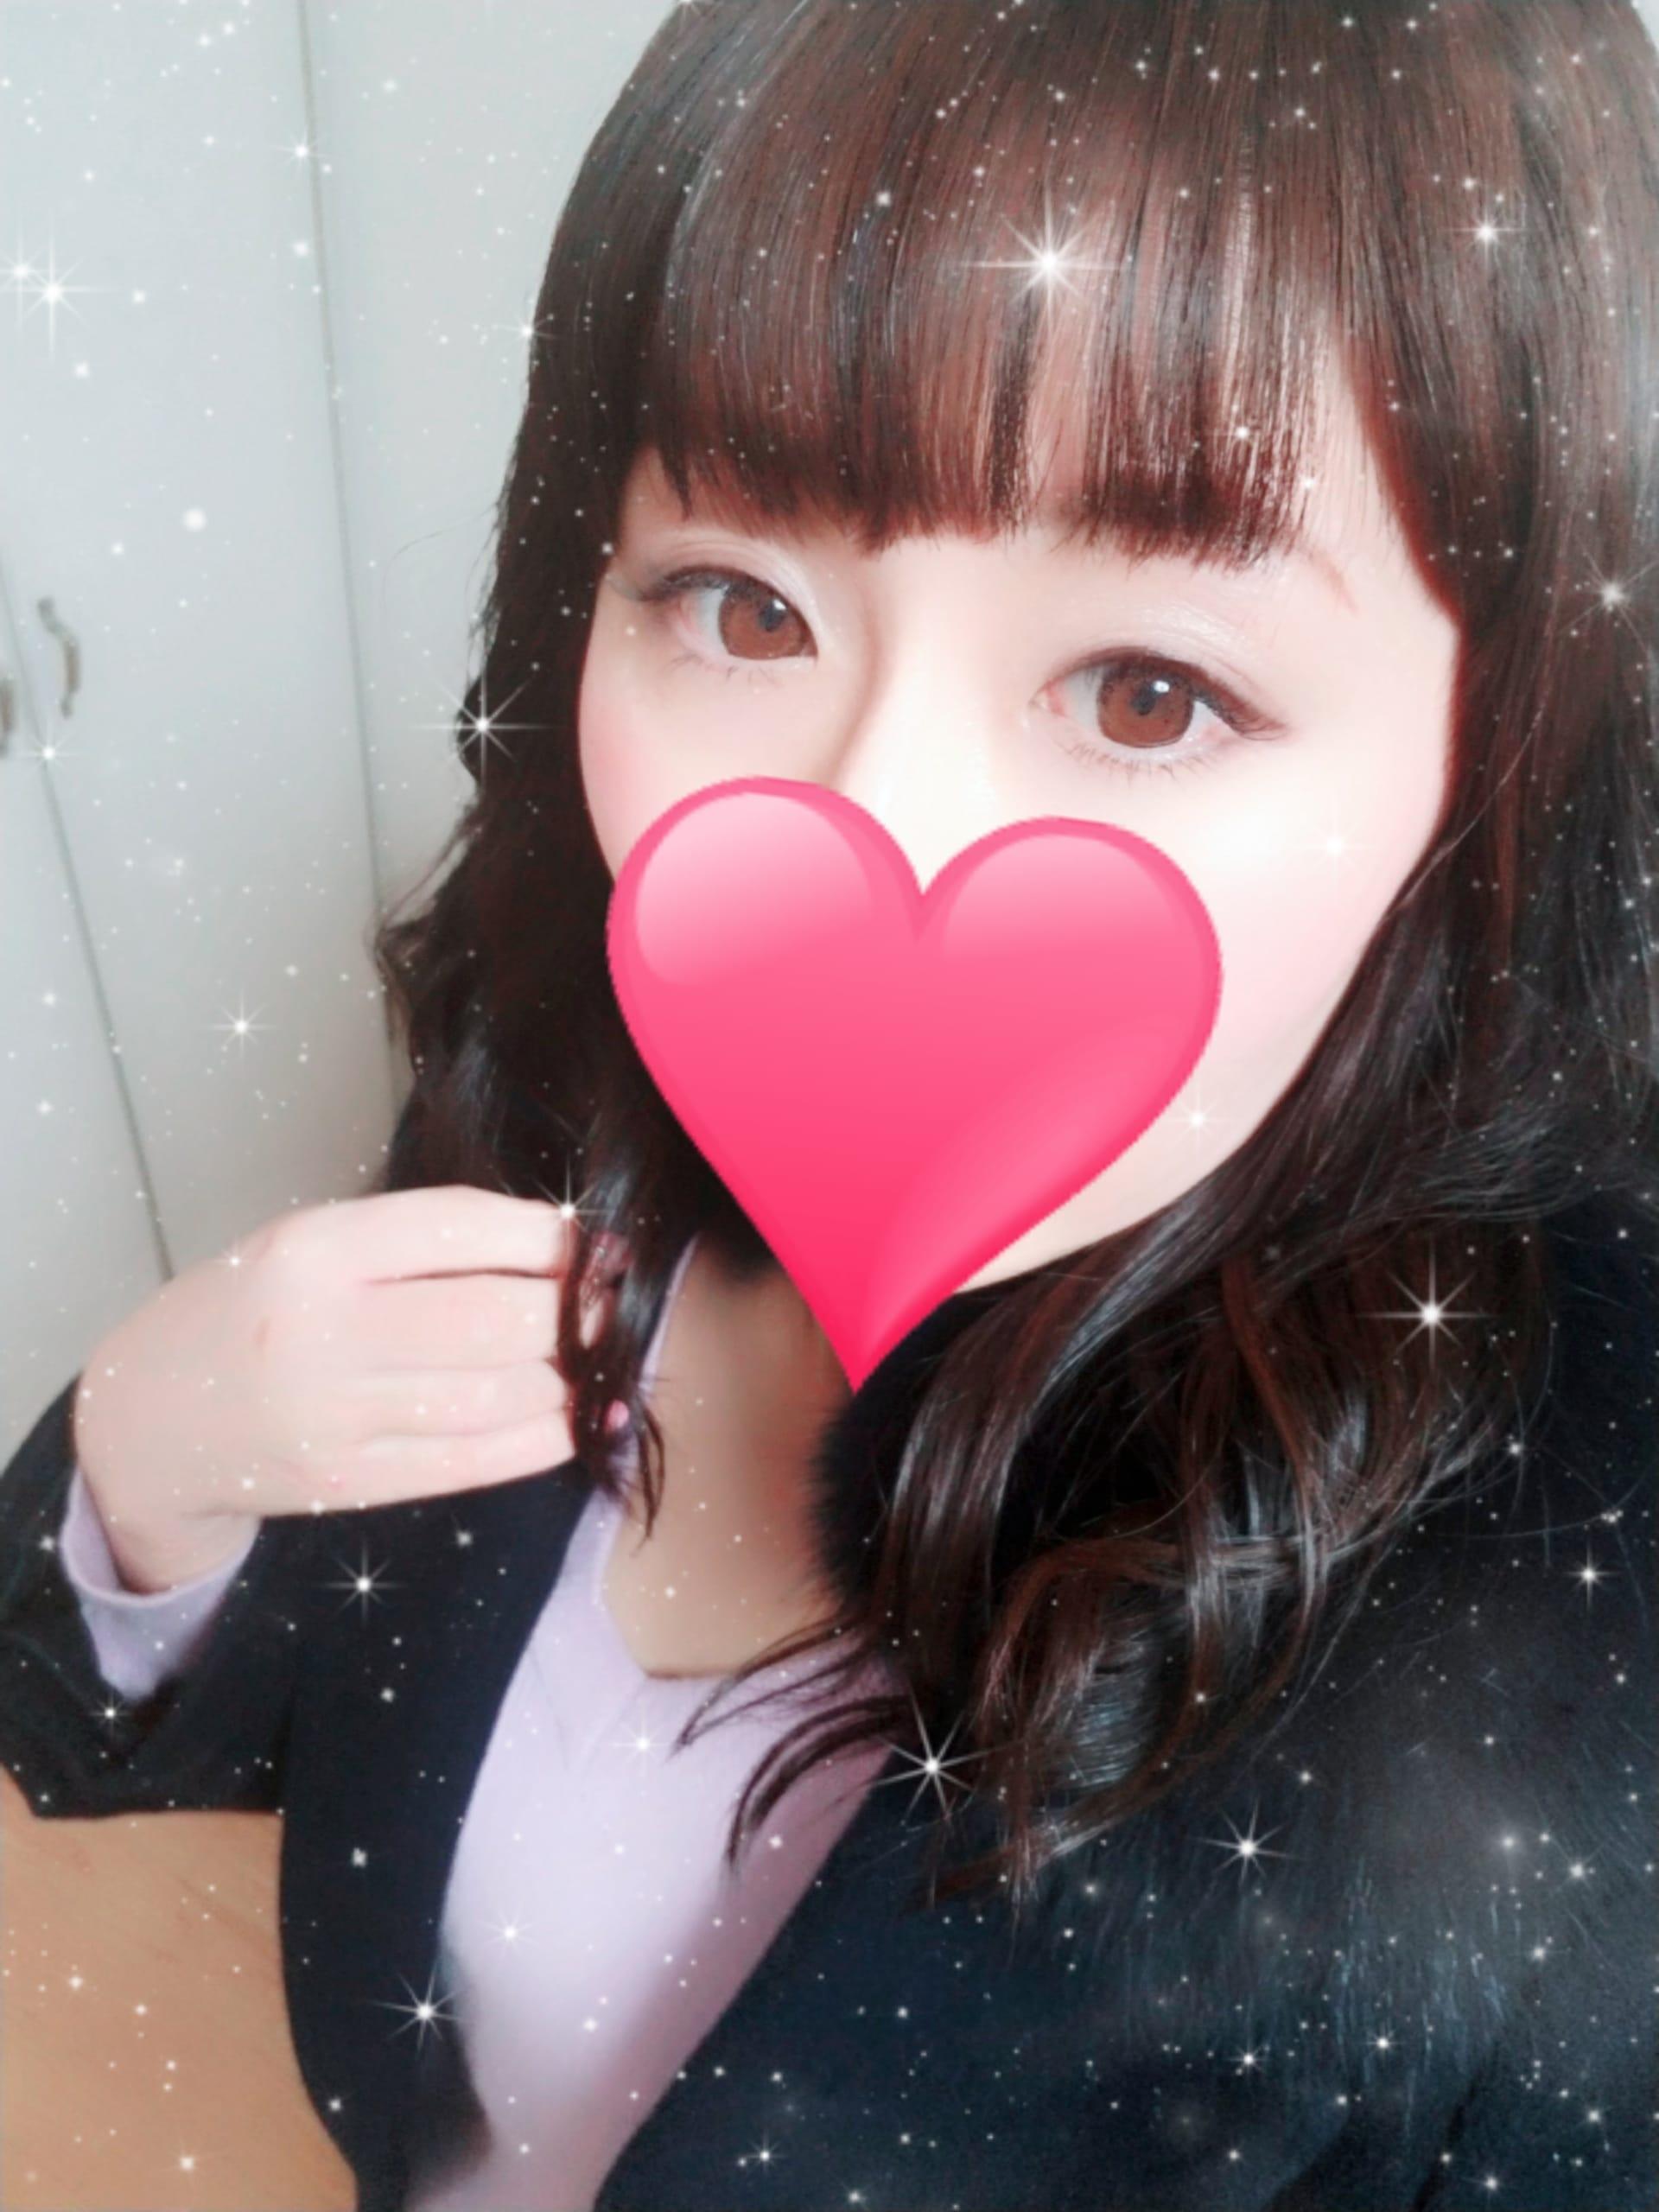 「待ってまーす☆」01/23(火) 18:18   みすずの写メ・風俗動画